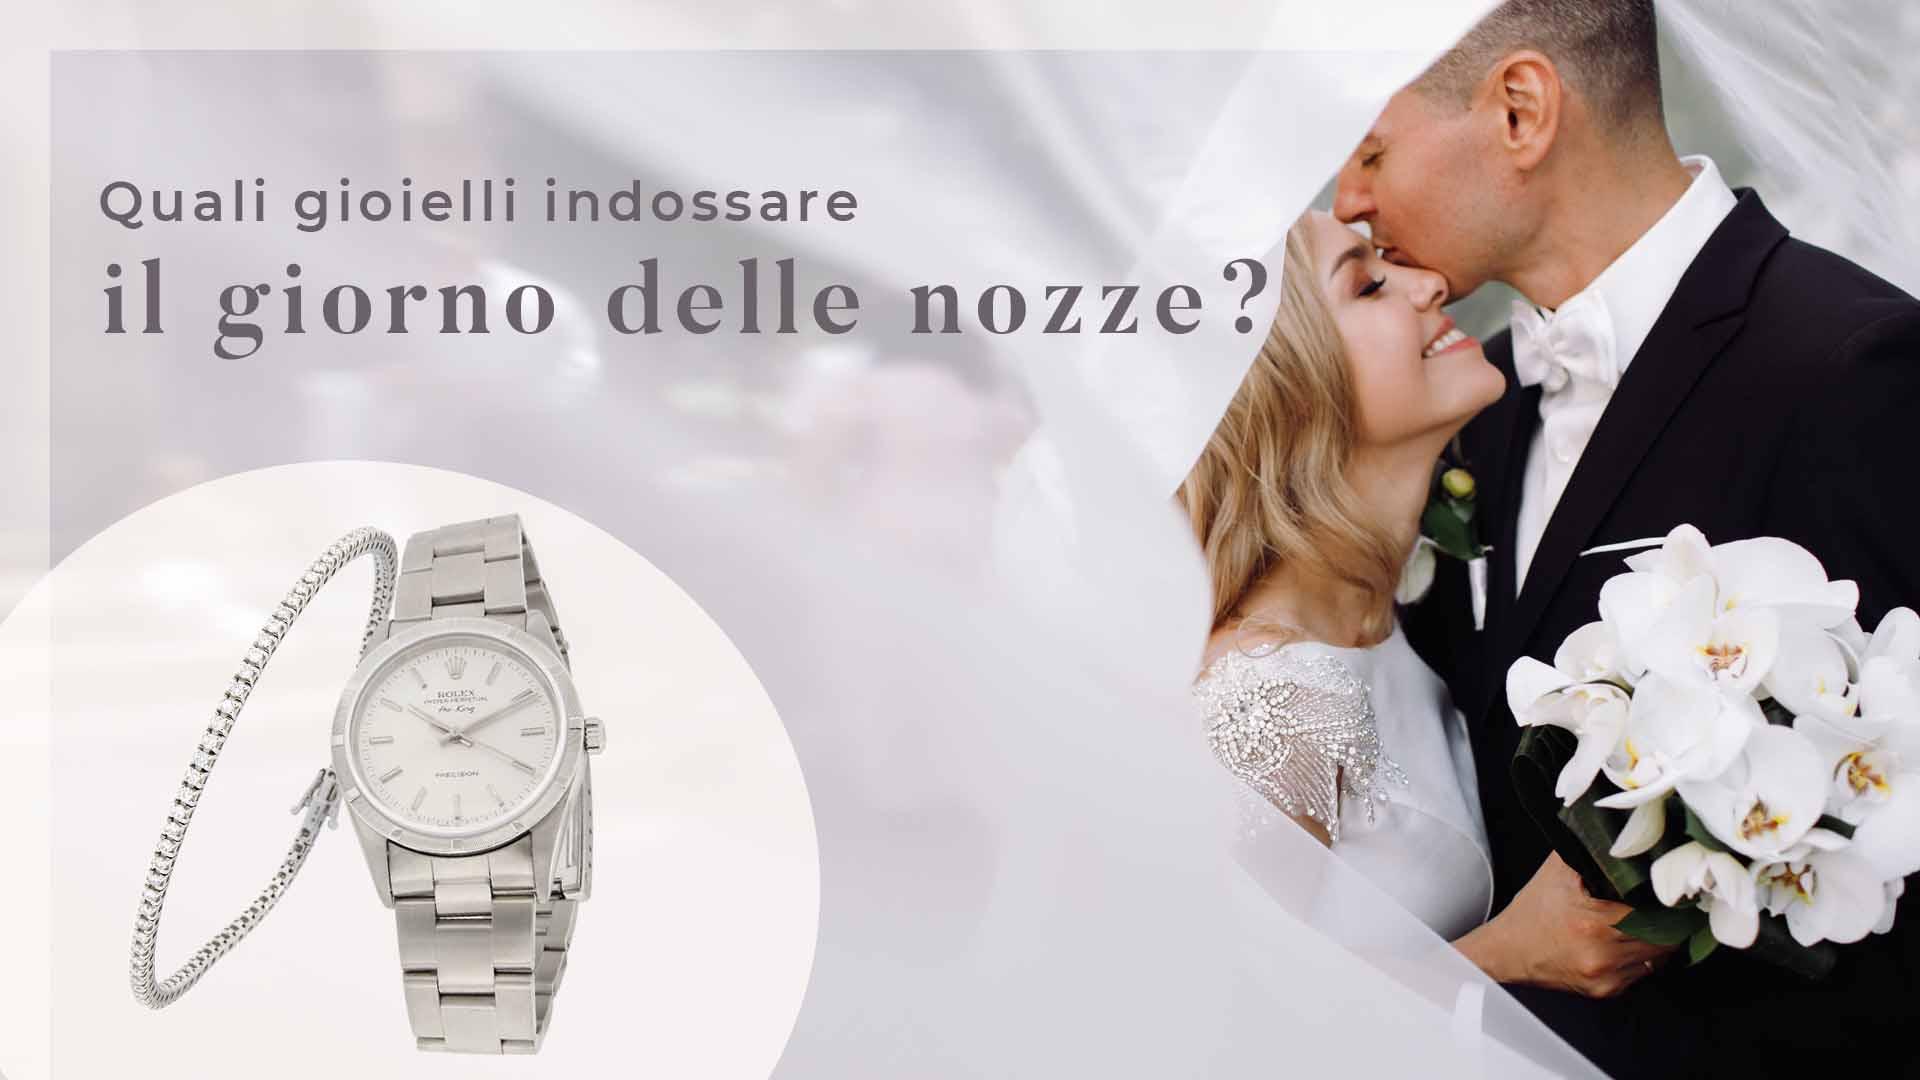 Quali gioielli indossare per le nozze? Per gli sposi i gioielli sono importanti tanto quanto gli abiti, perché completano il look donando eleganza.